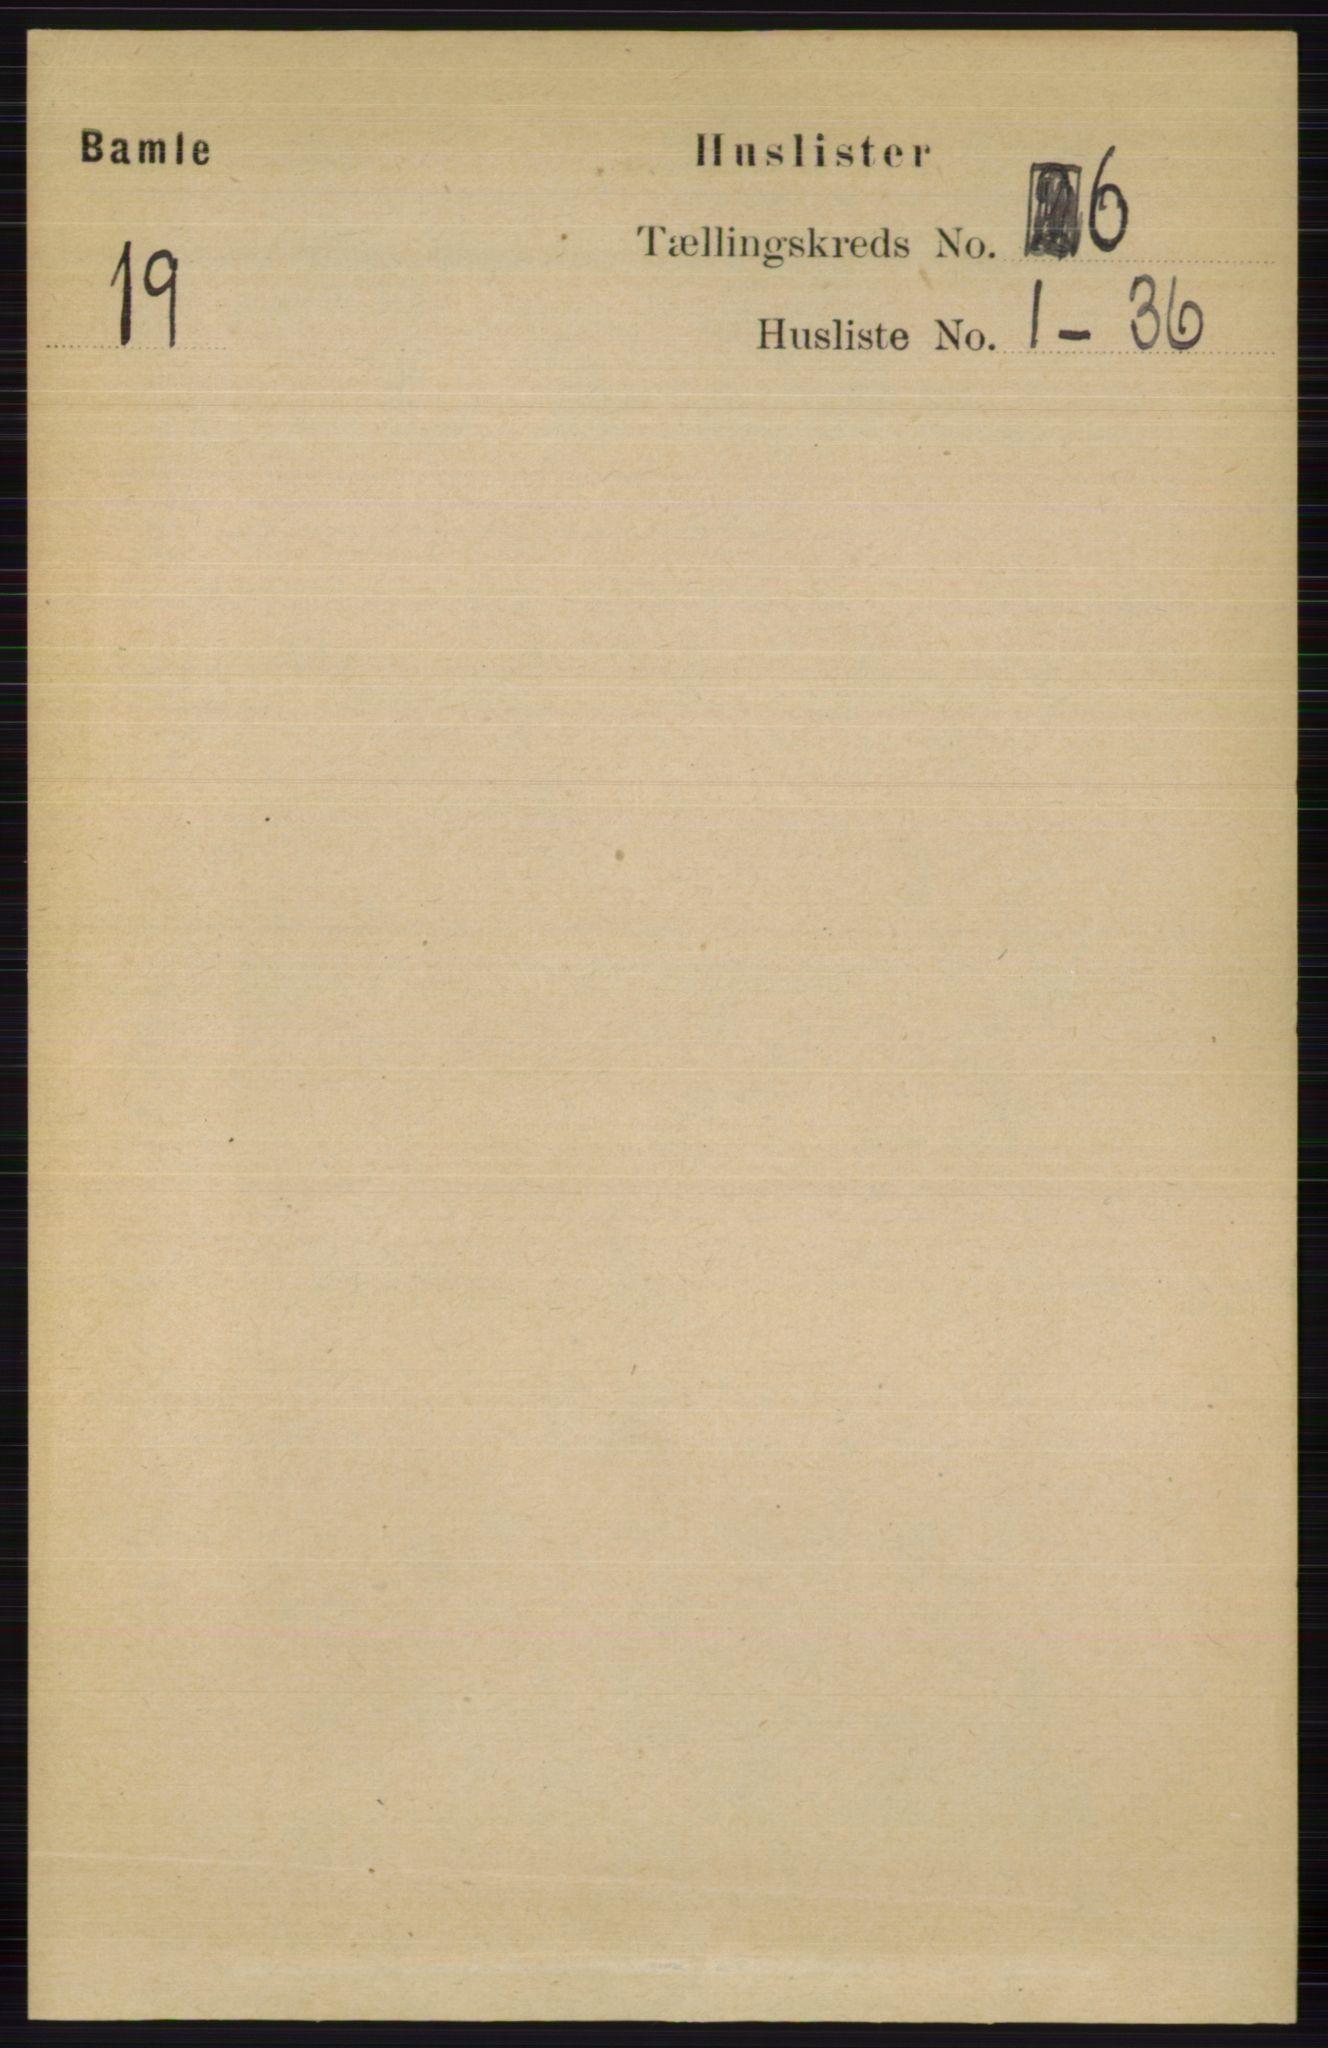 RA, Folketelling 1891 for 0814 Bamble herred, 1891, s. 2655